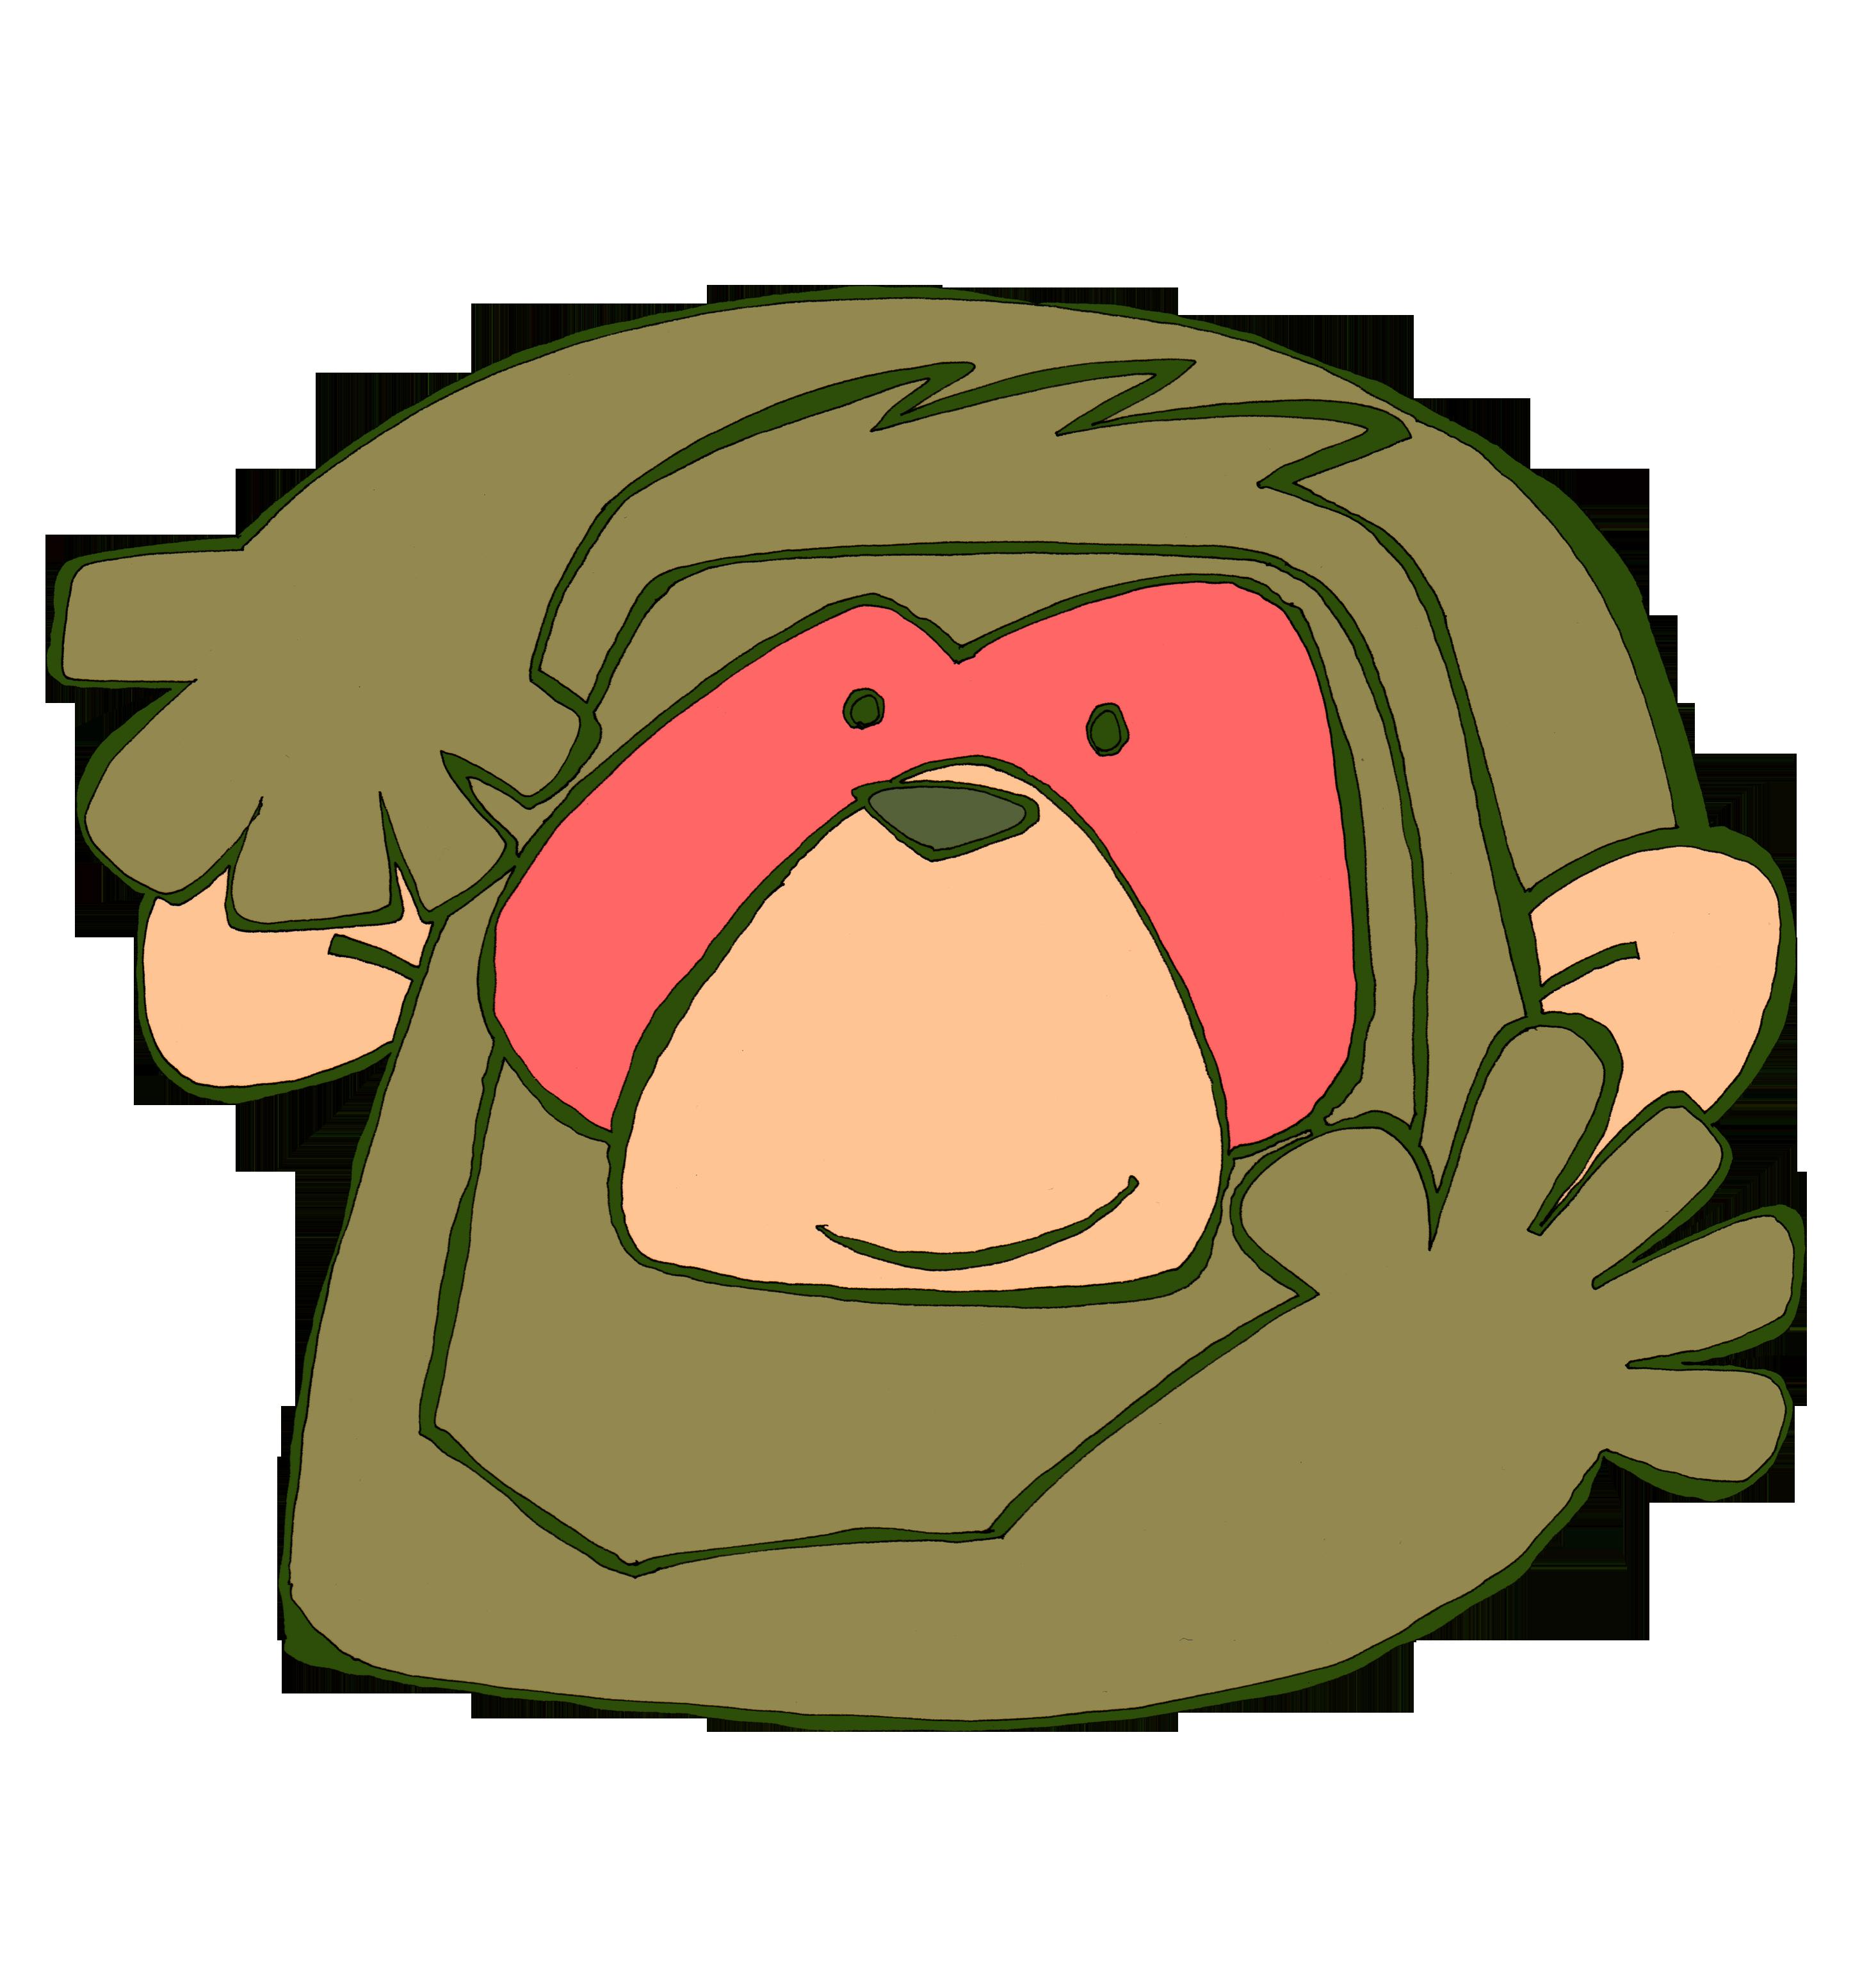 サルのお面のイラスト | かわいいフリー素材が無料のイラストレイン